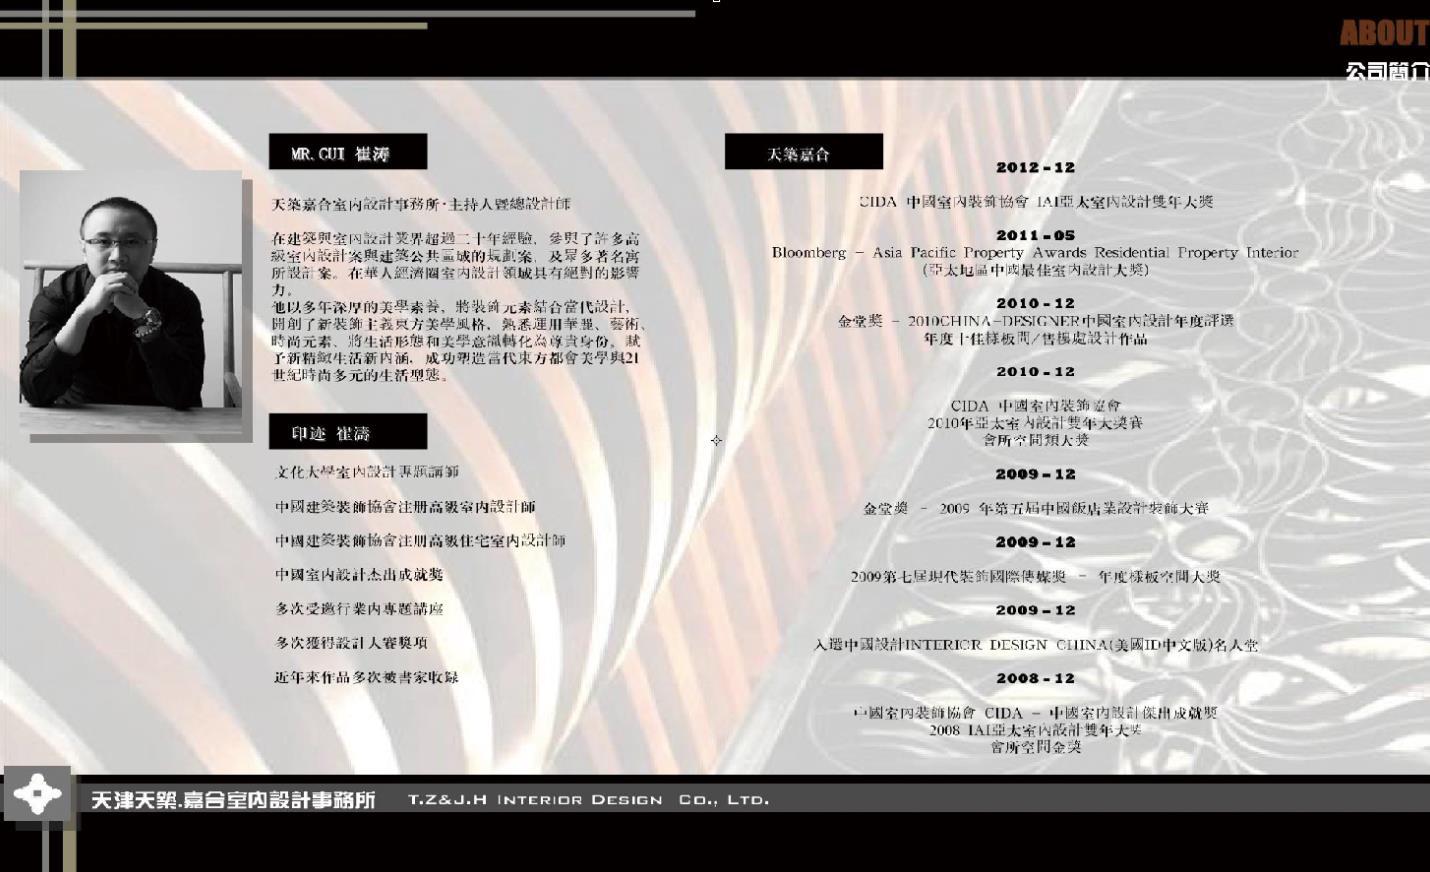 崔涛原创设计专家-1.jpg